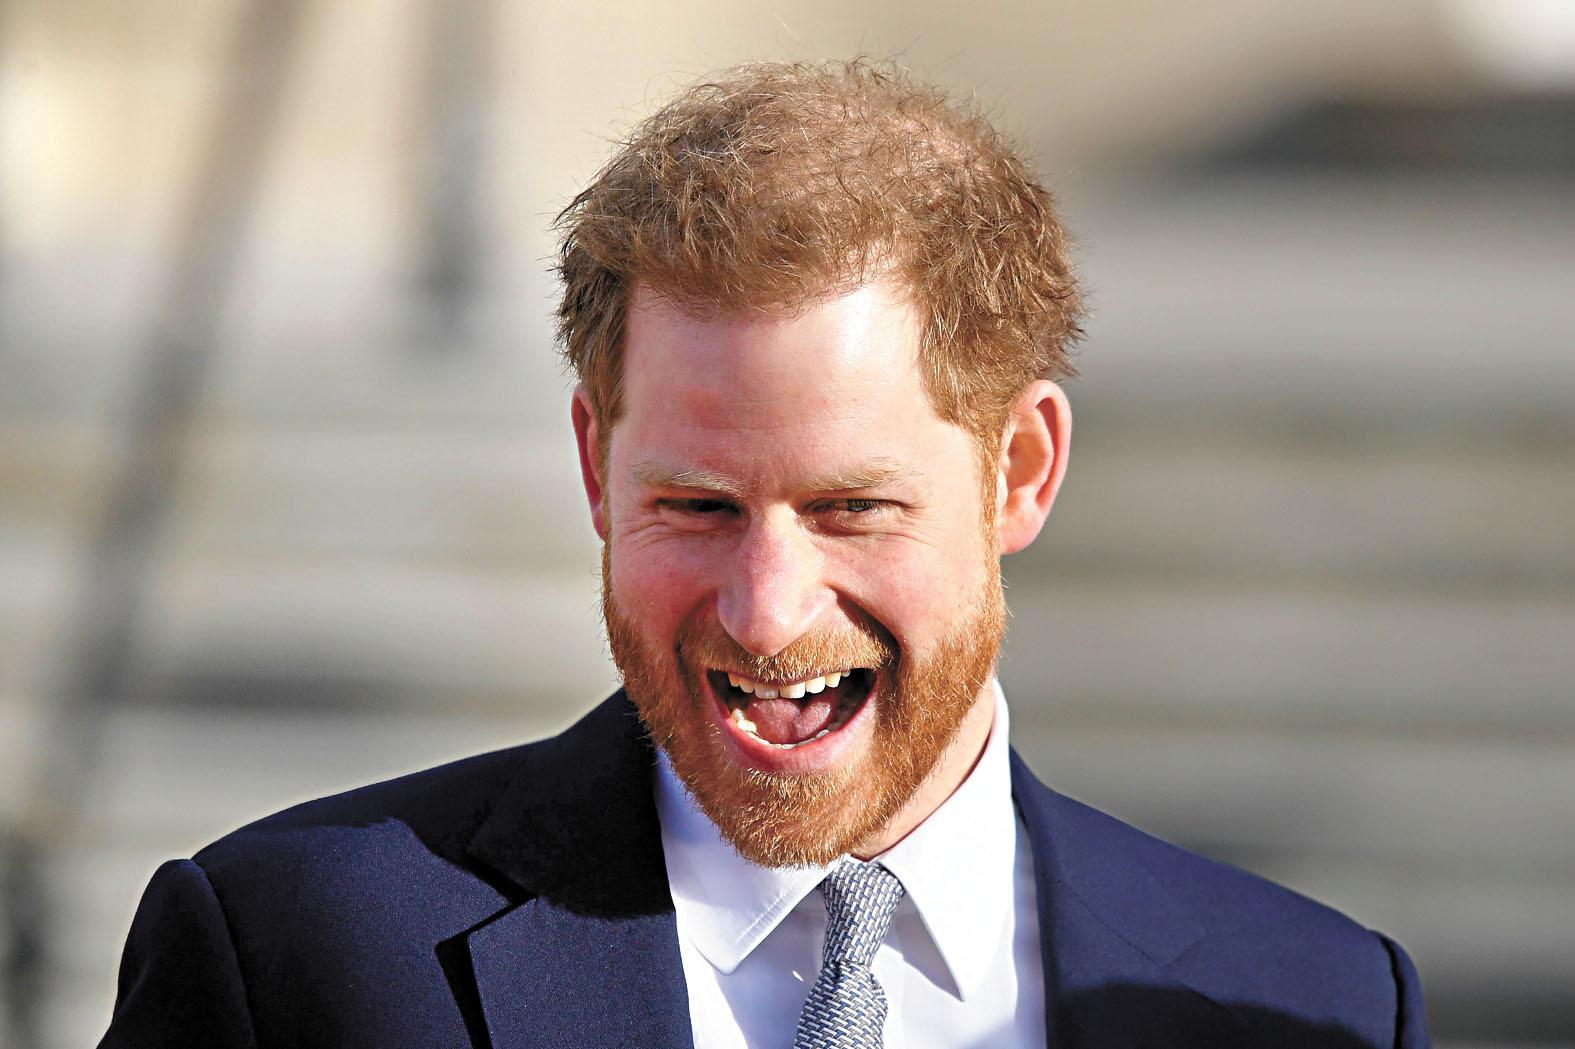 哈里王子早前出席活動時顯得神情輕鬆。路透社